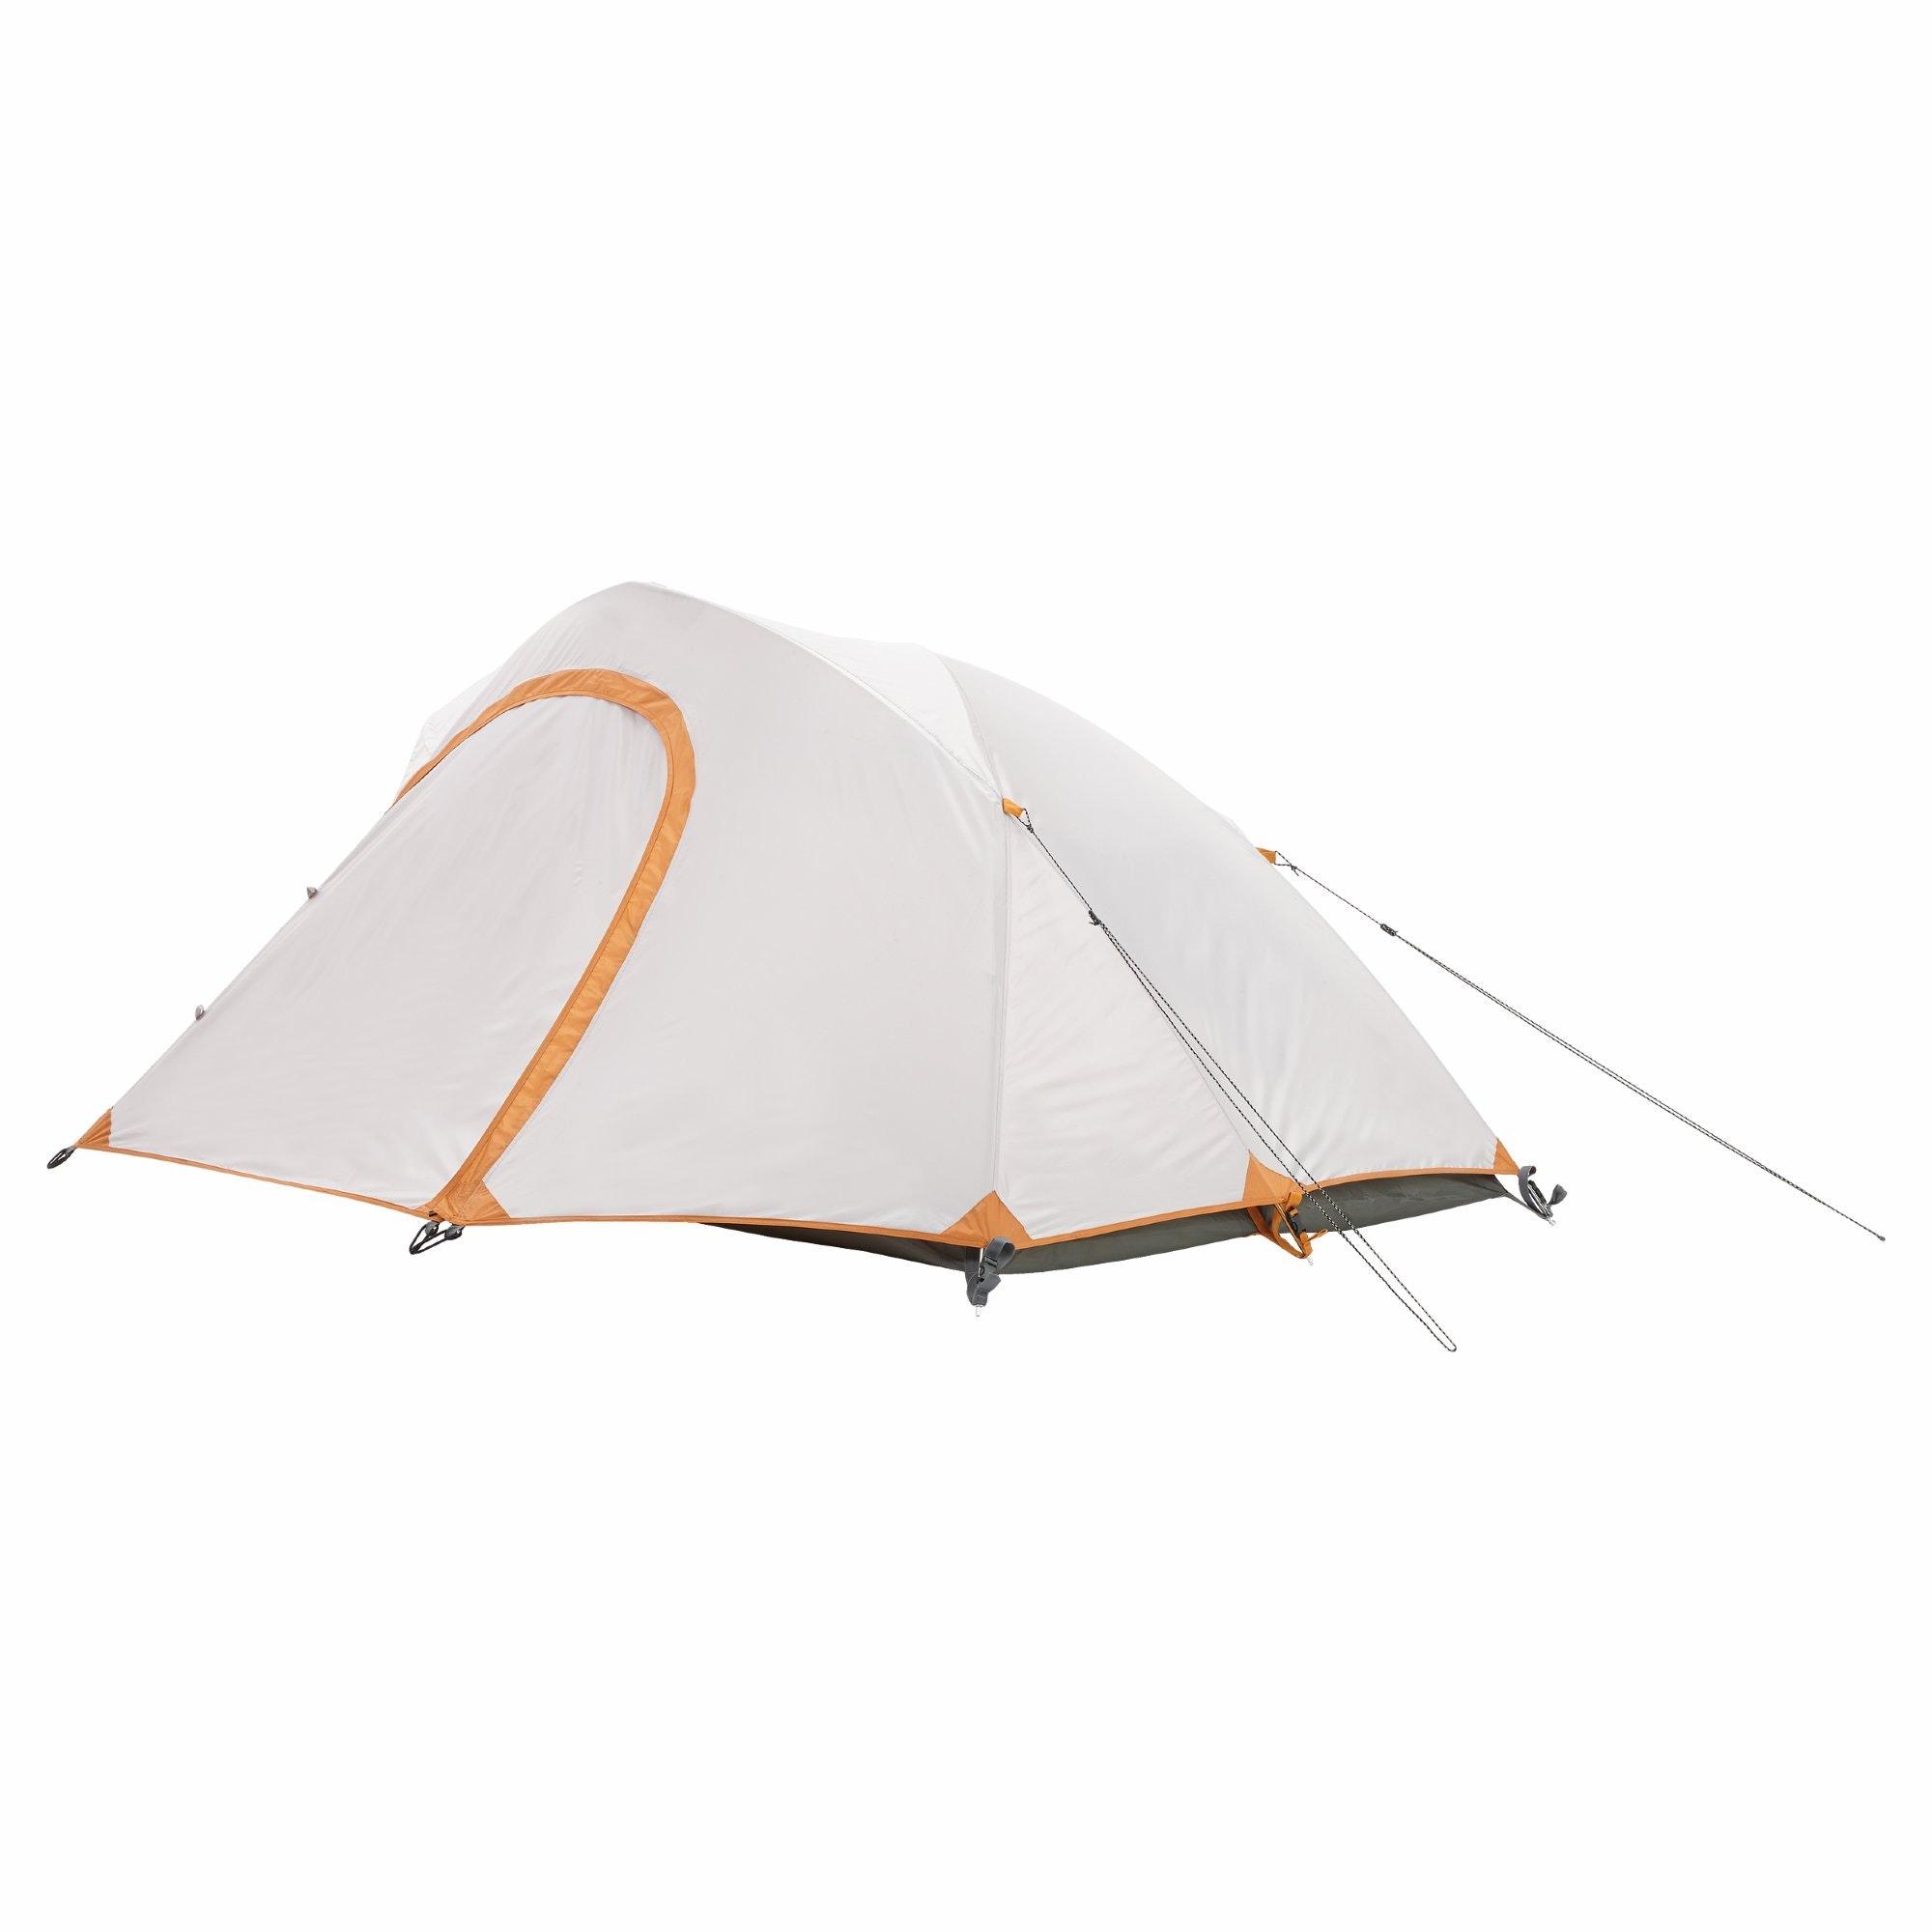 Bora 2 Person Tent v2